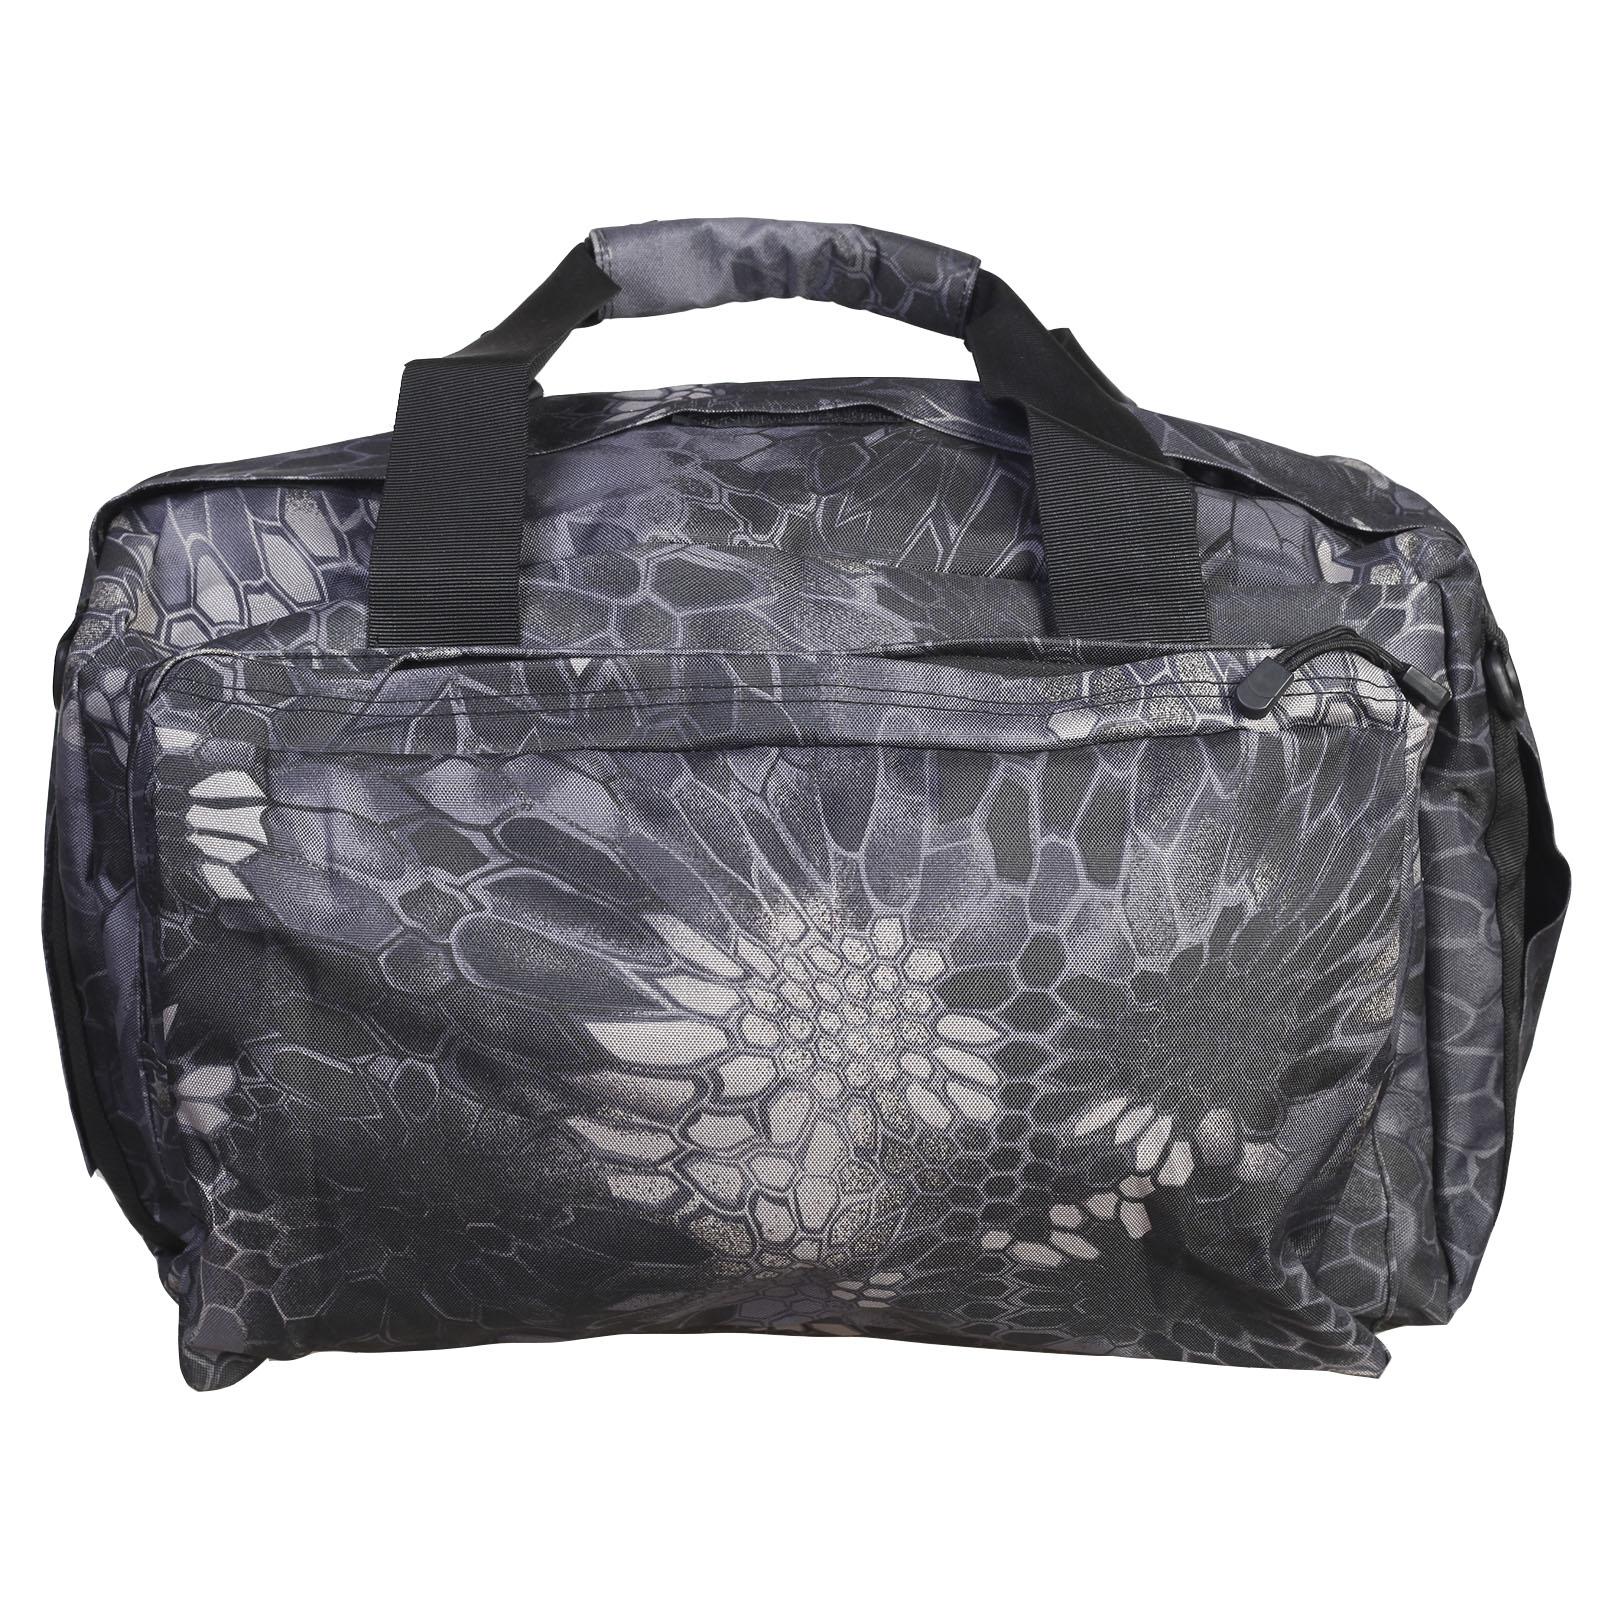 Мужская дорожная сумка камуфляж Kryptek Typhon